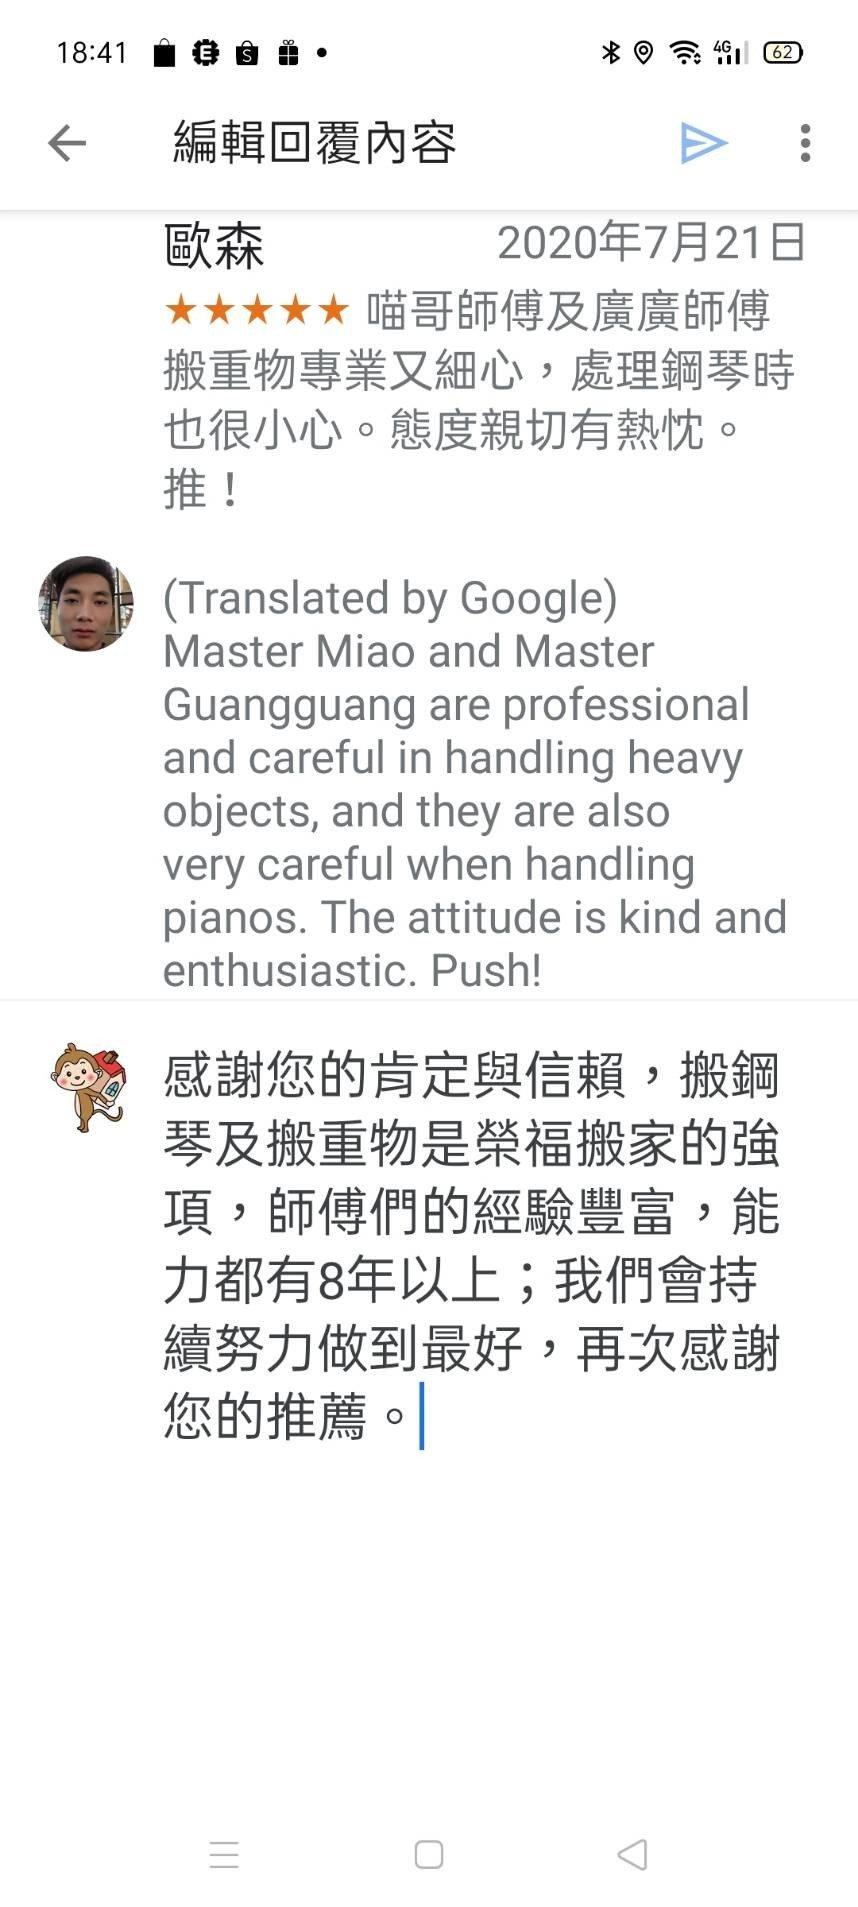 鋼琴搬運顧客至google上特別留言感謝-鋼琴首選NO1【榮福搬家】